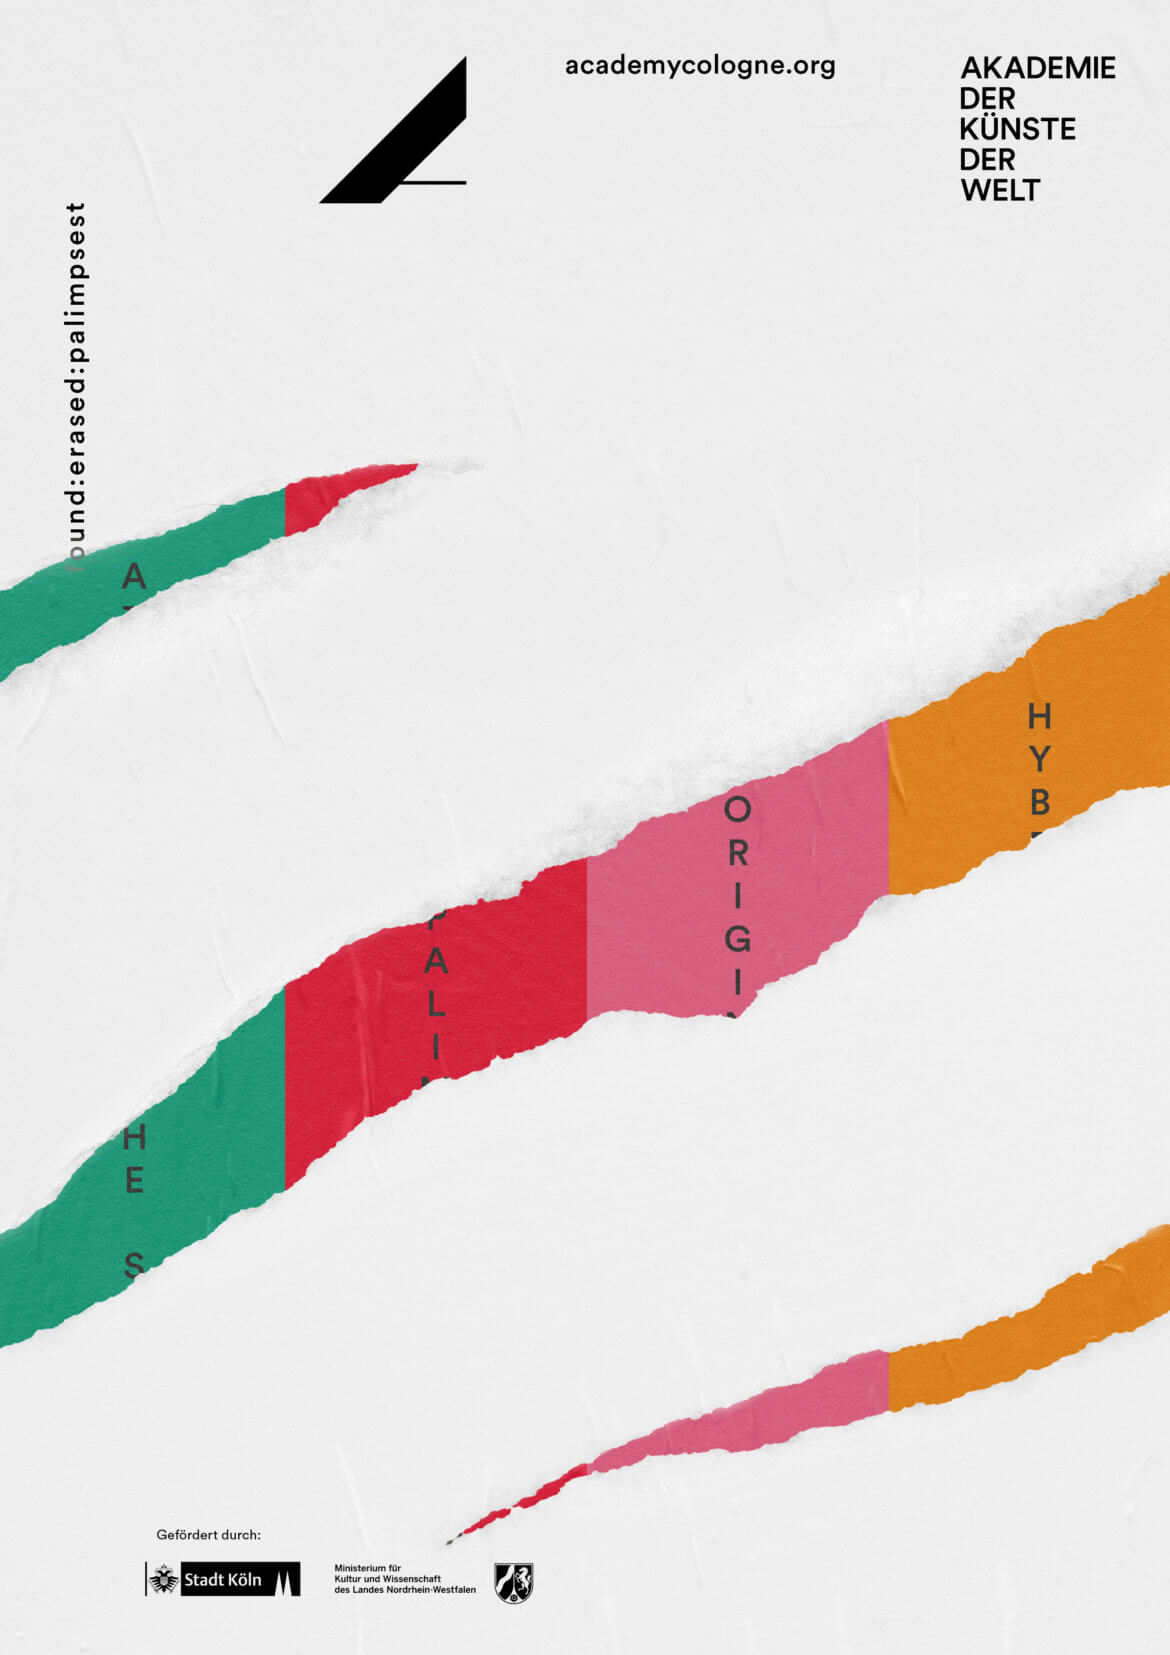 Buero_Freiheit_Akademie_der_Kuenste_der_Welt_Kampagne_Poster_found_erased_palimpset_Plakat Akademie der Künste der Welt / Köln